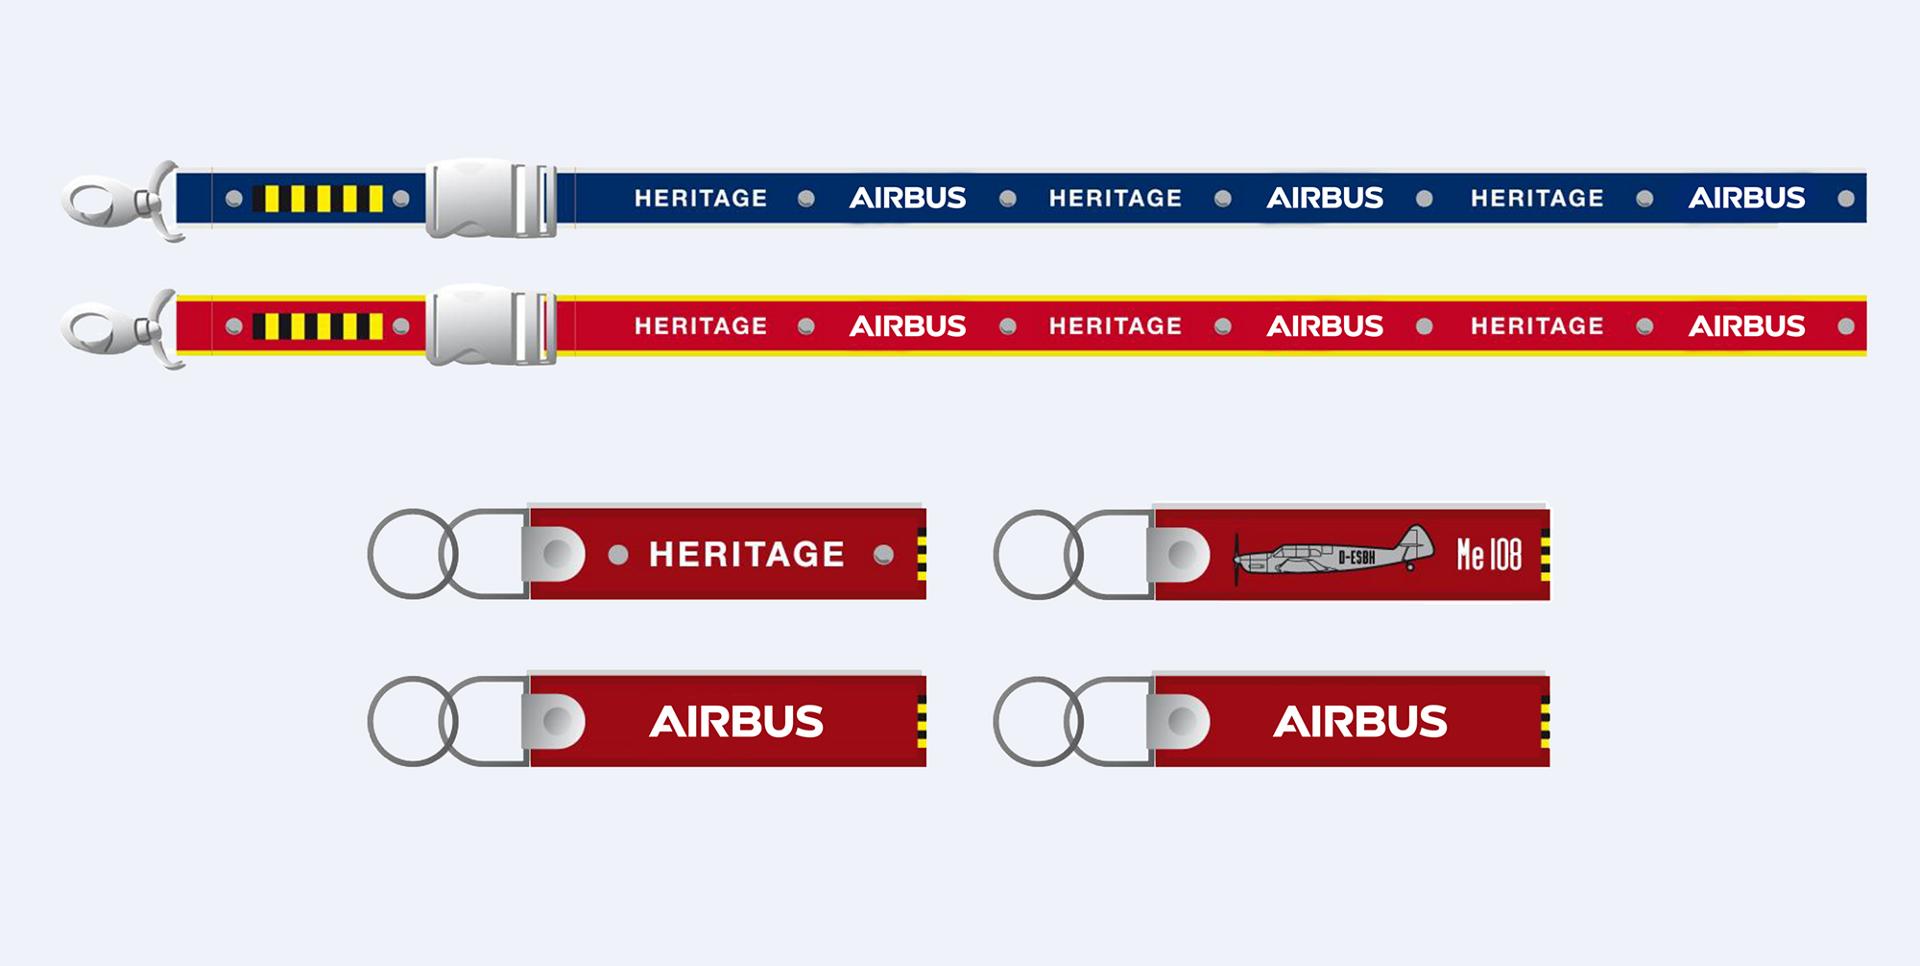 Heritage Merchandising